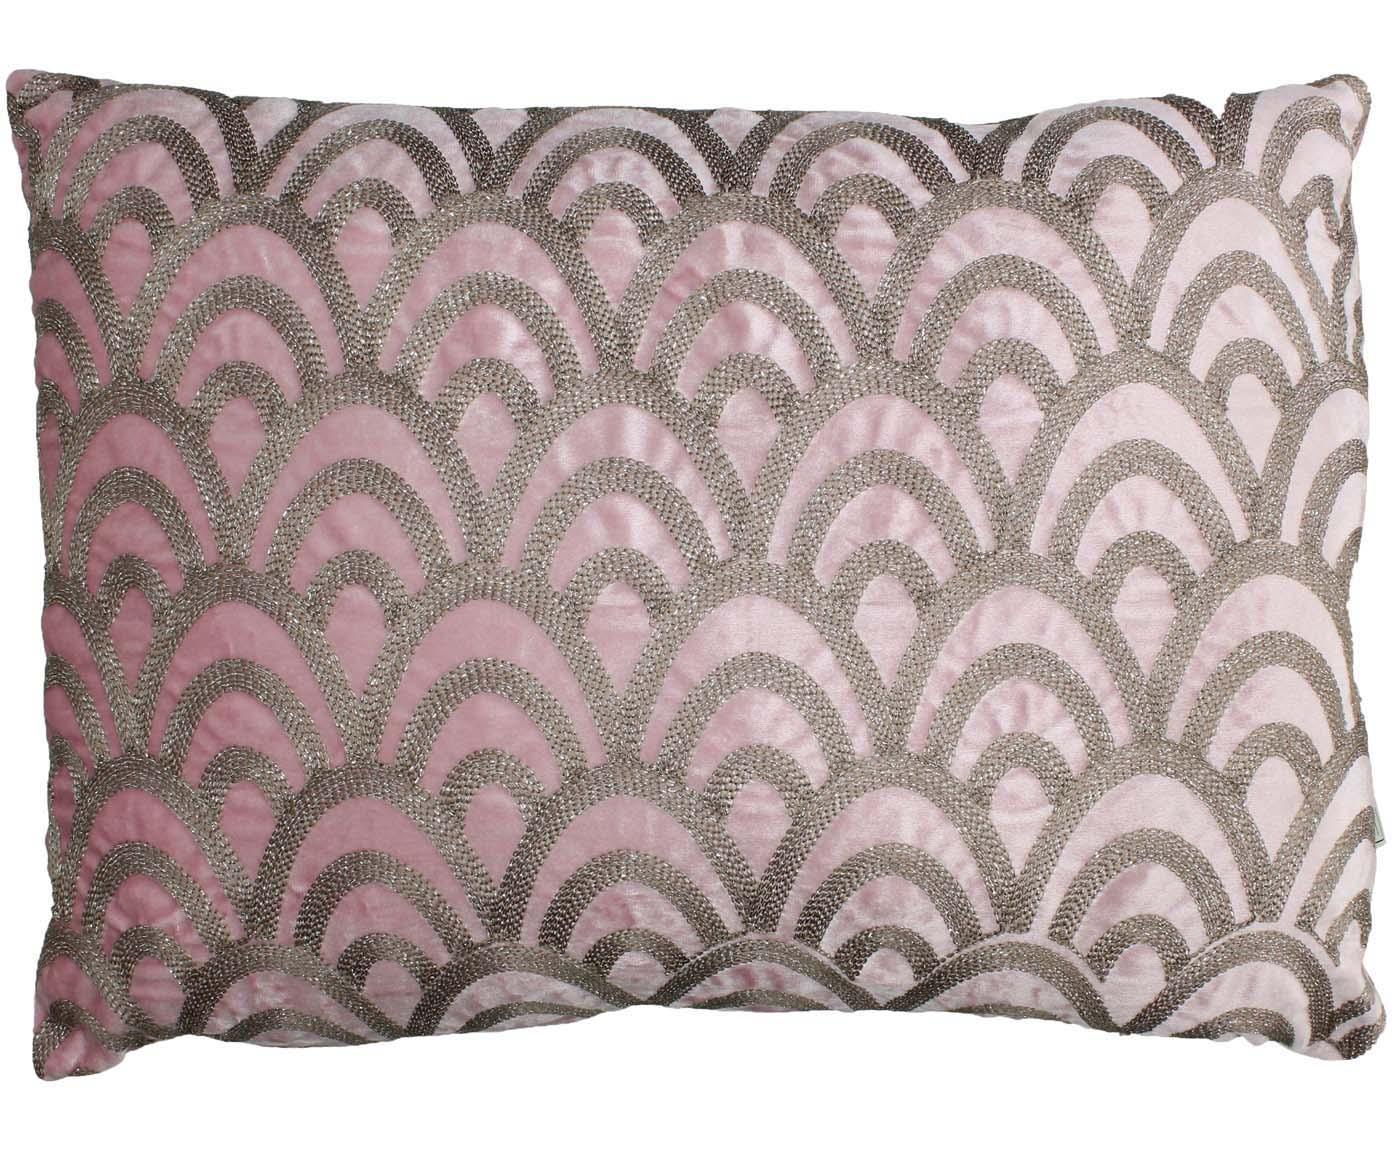 Haftowana poduszka z aksamitu  z wypełnieniem Trole, Aksamit, Różowy, odcienie srebrnego, S 40 x D 60 cm